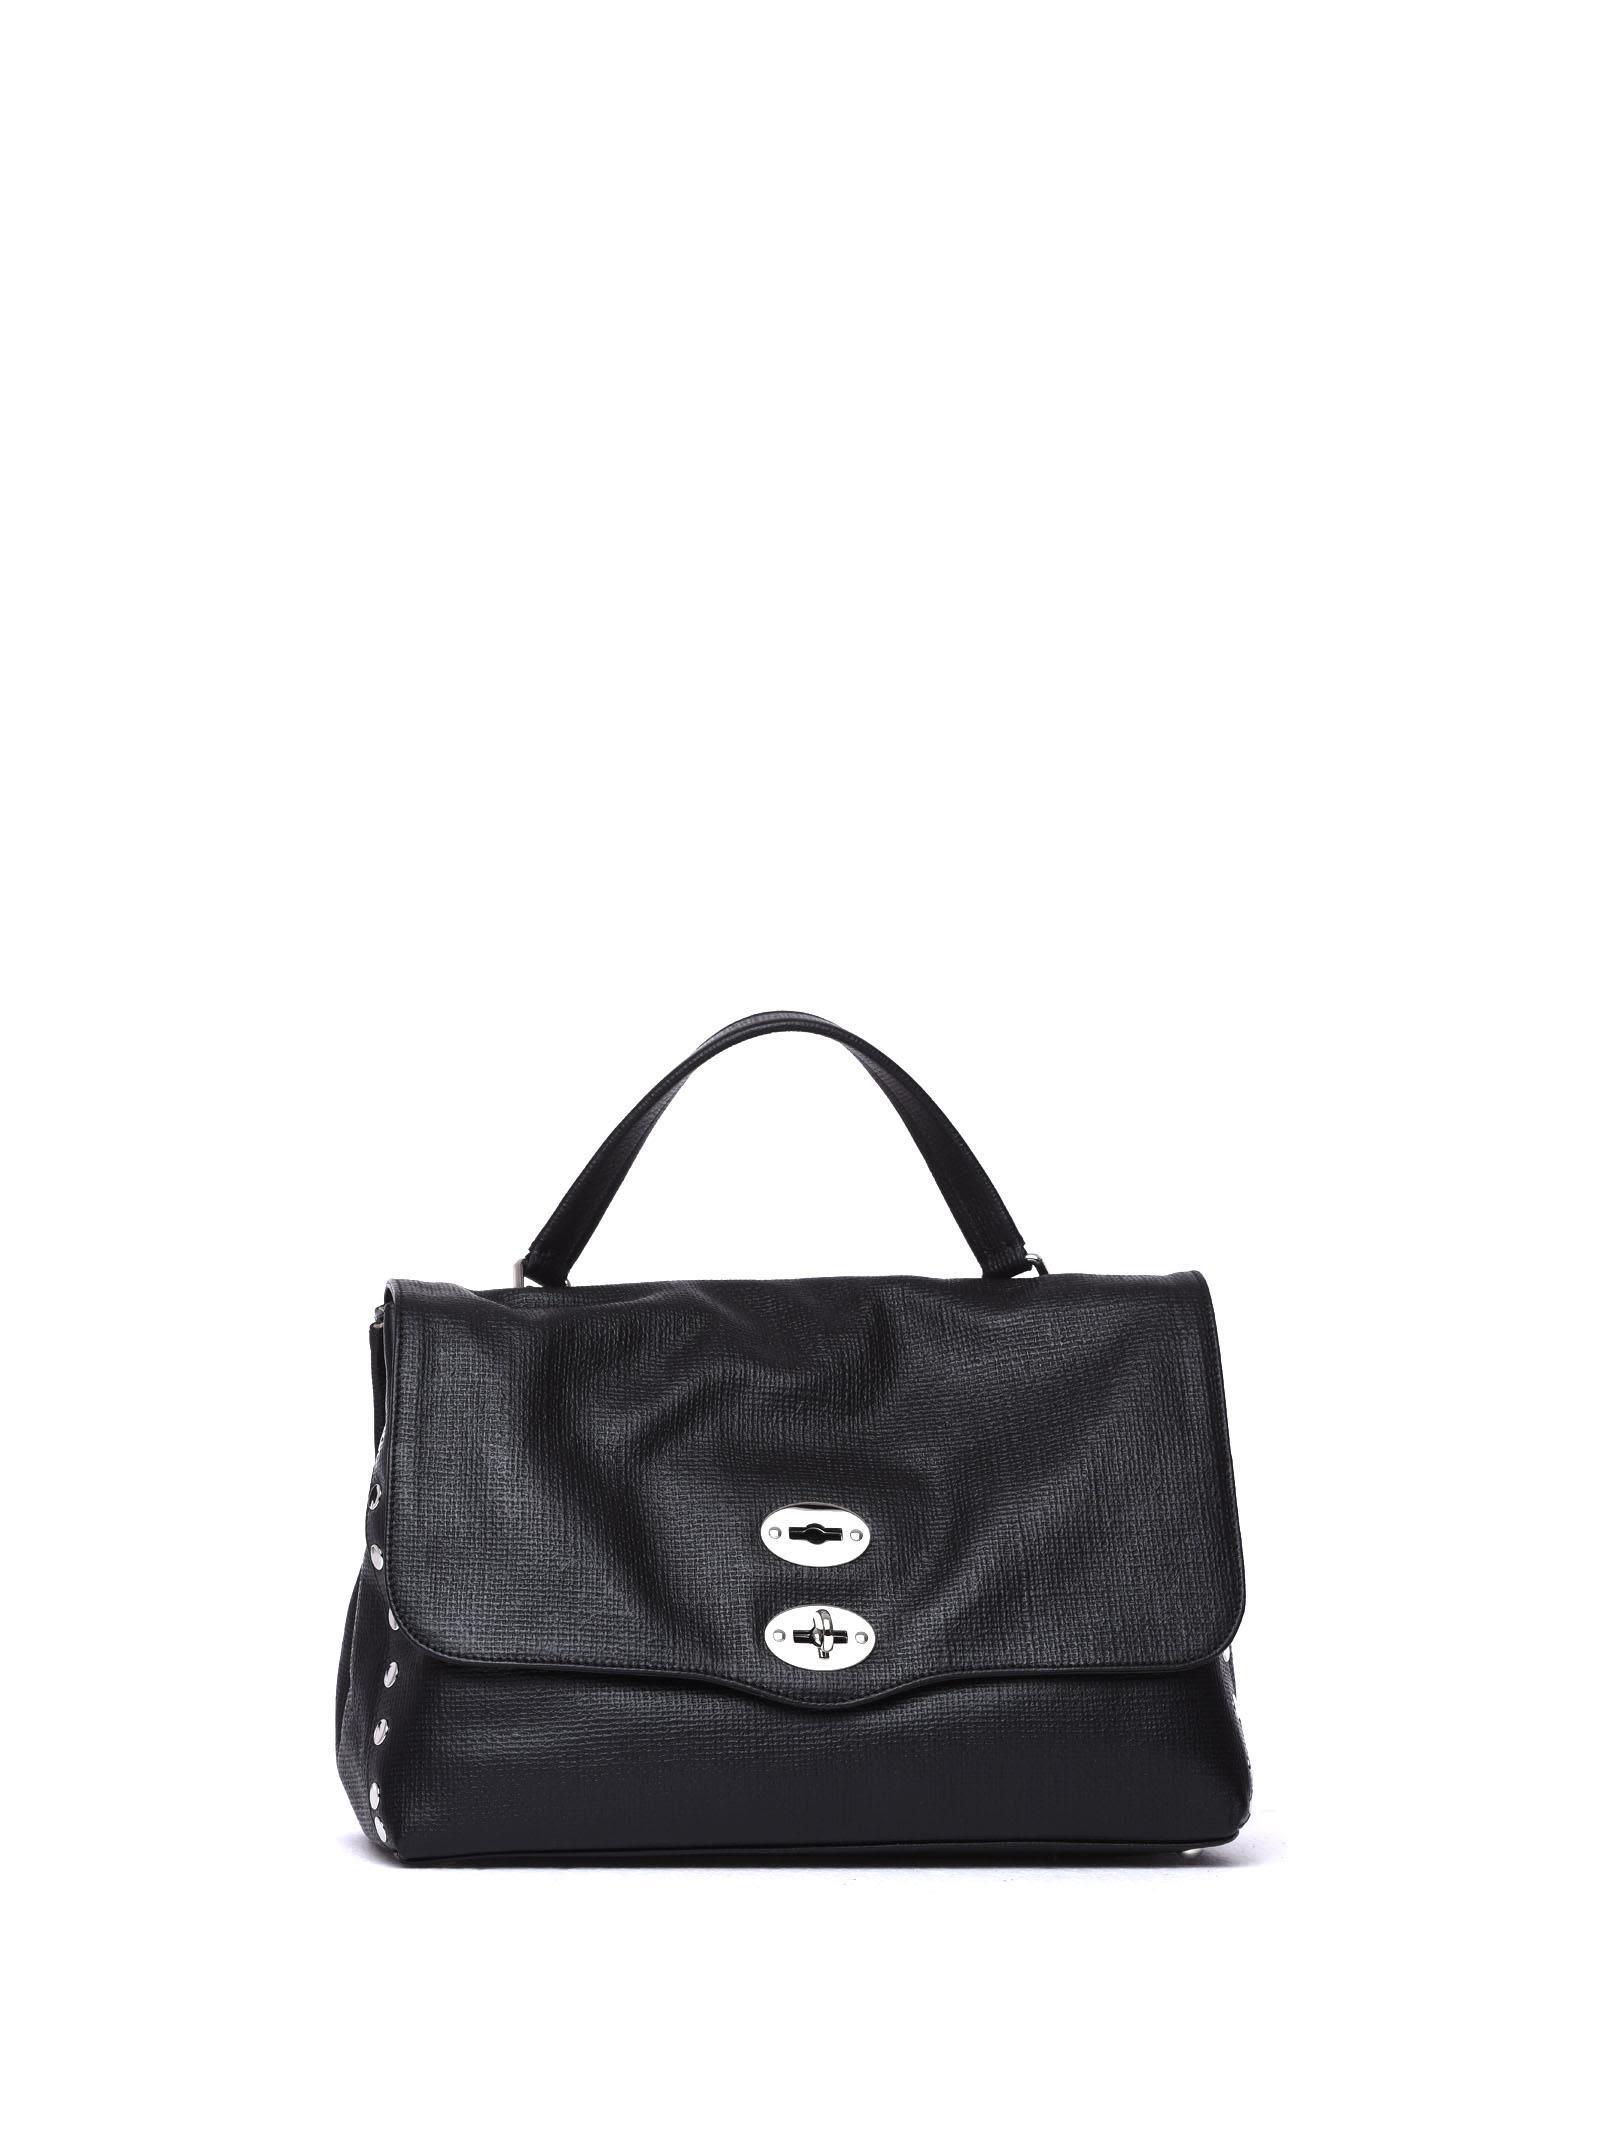 Zanellato Postina M Curturo Black Bag In Nero